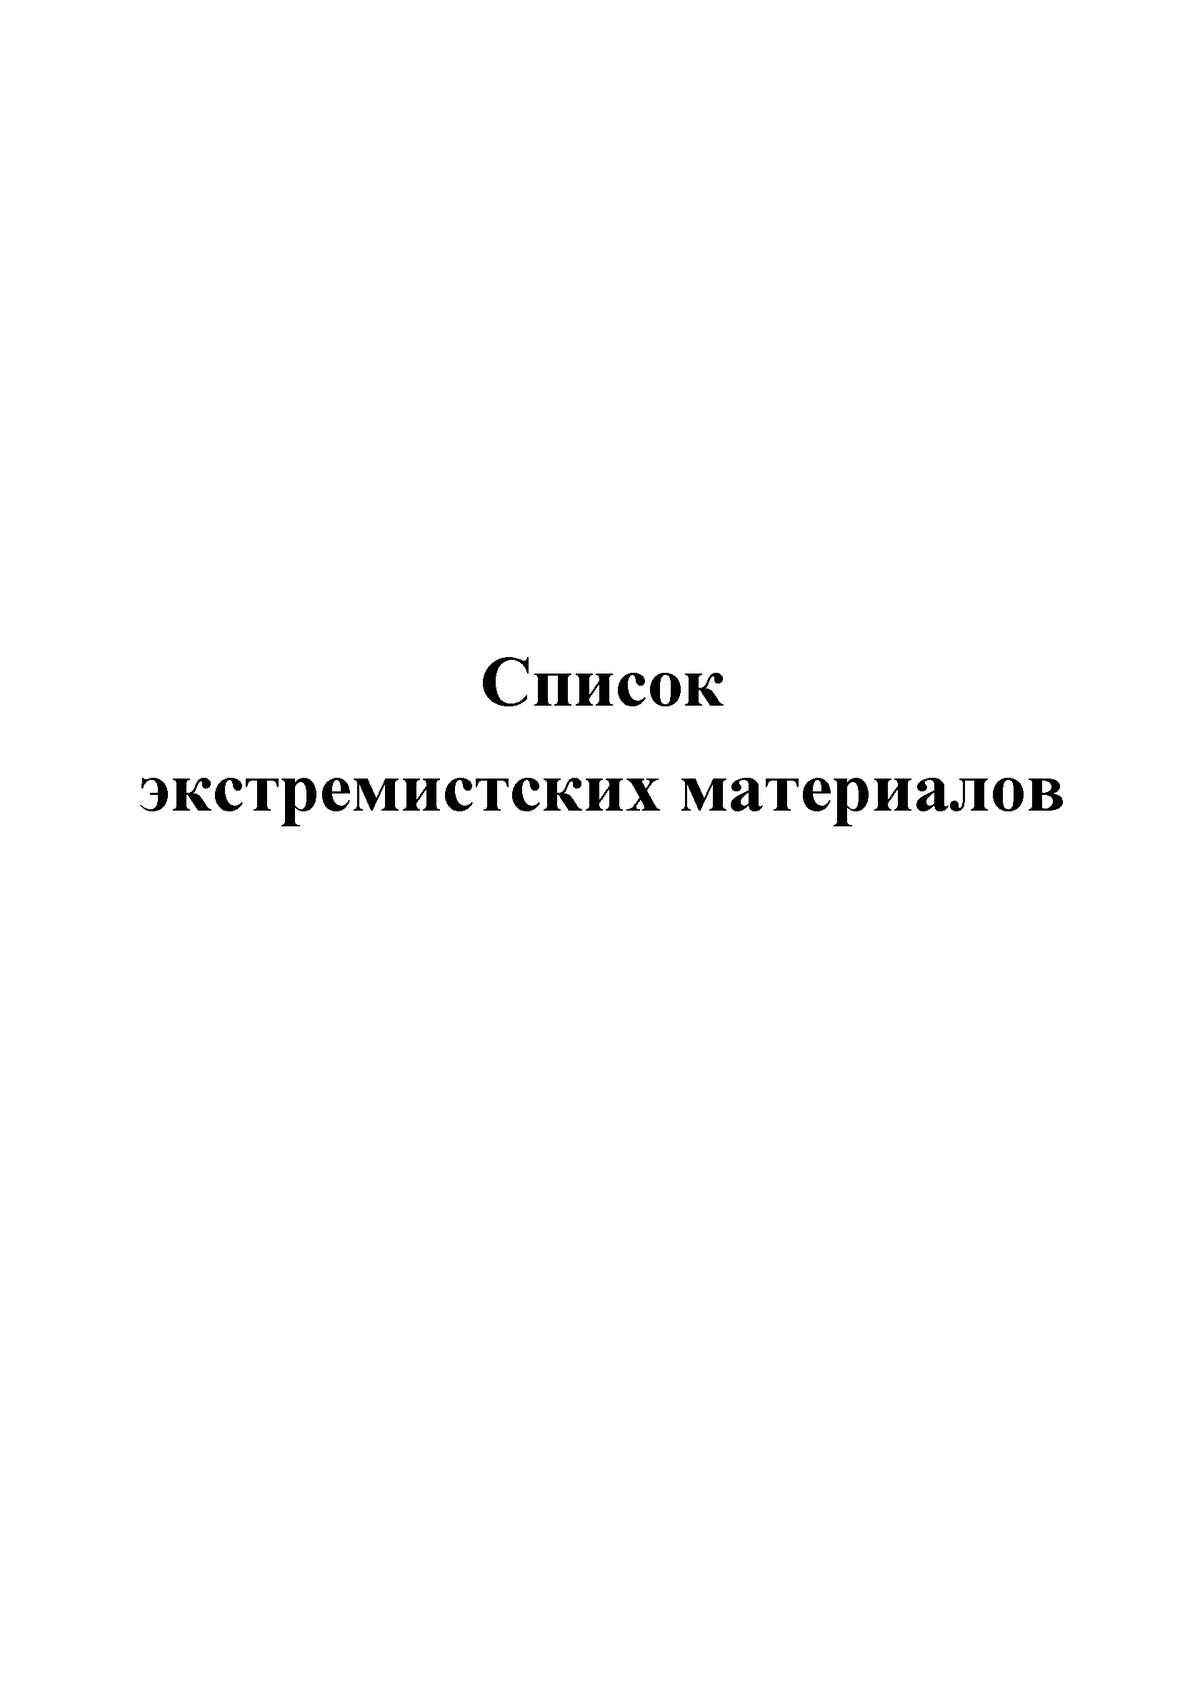 Новосибирск минск авиабилеты прямой рейс цена